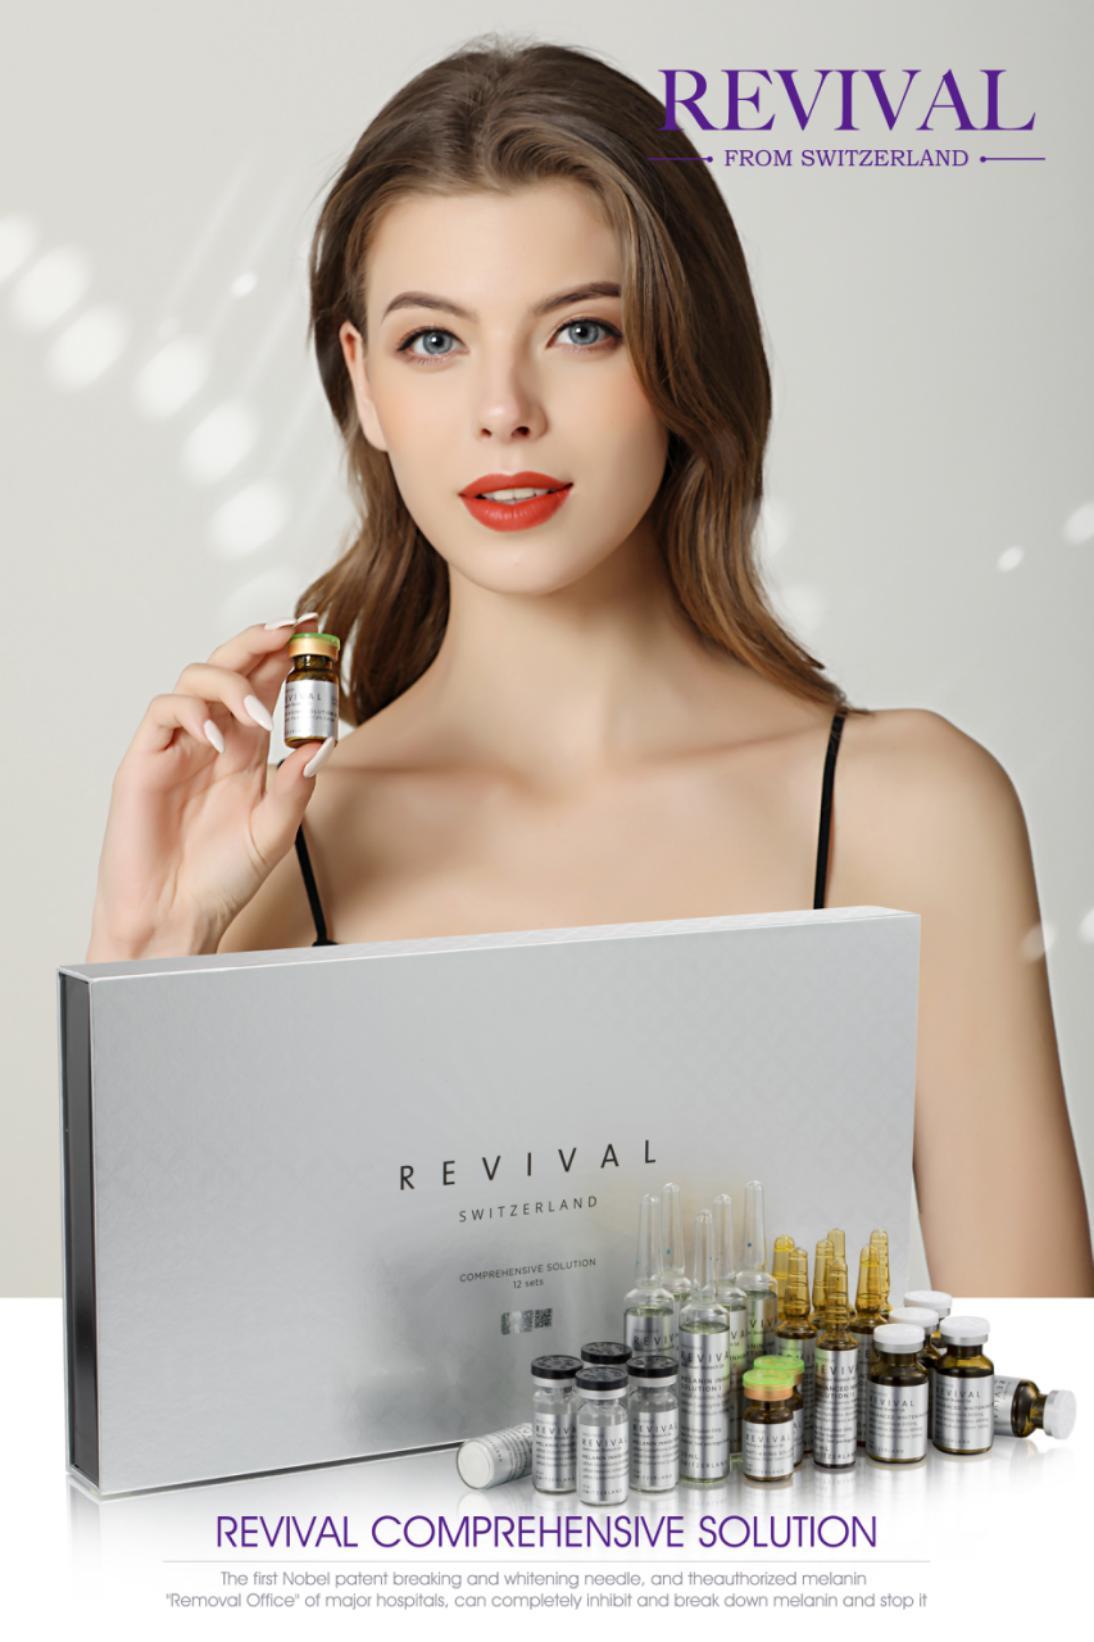 奋战抗衰老一线,REVIVAL瑞诺以科技守护美丽阵地